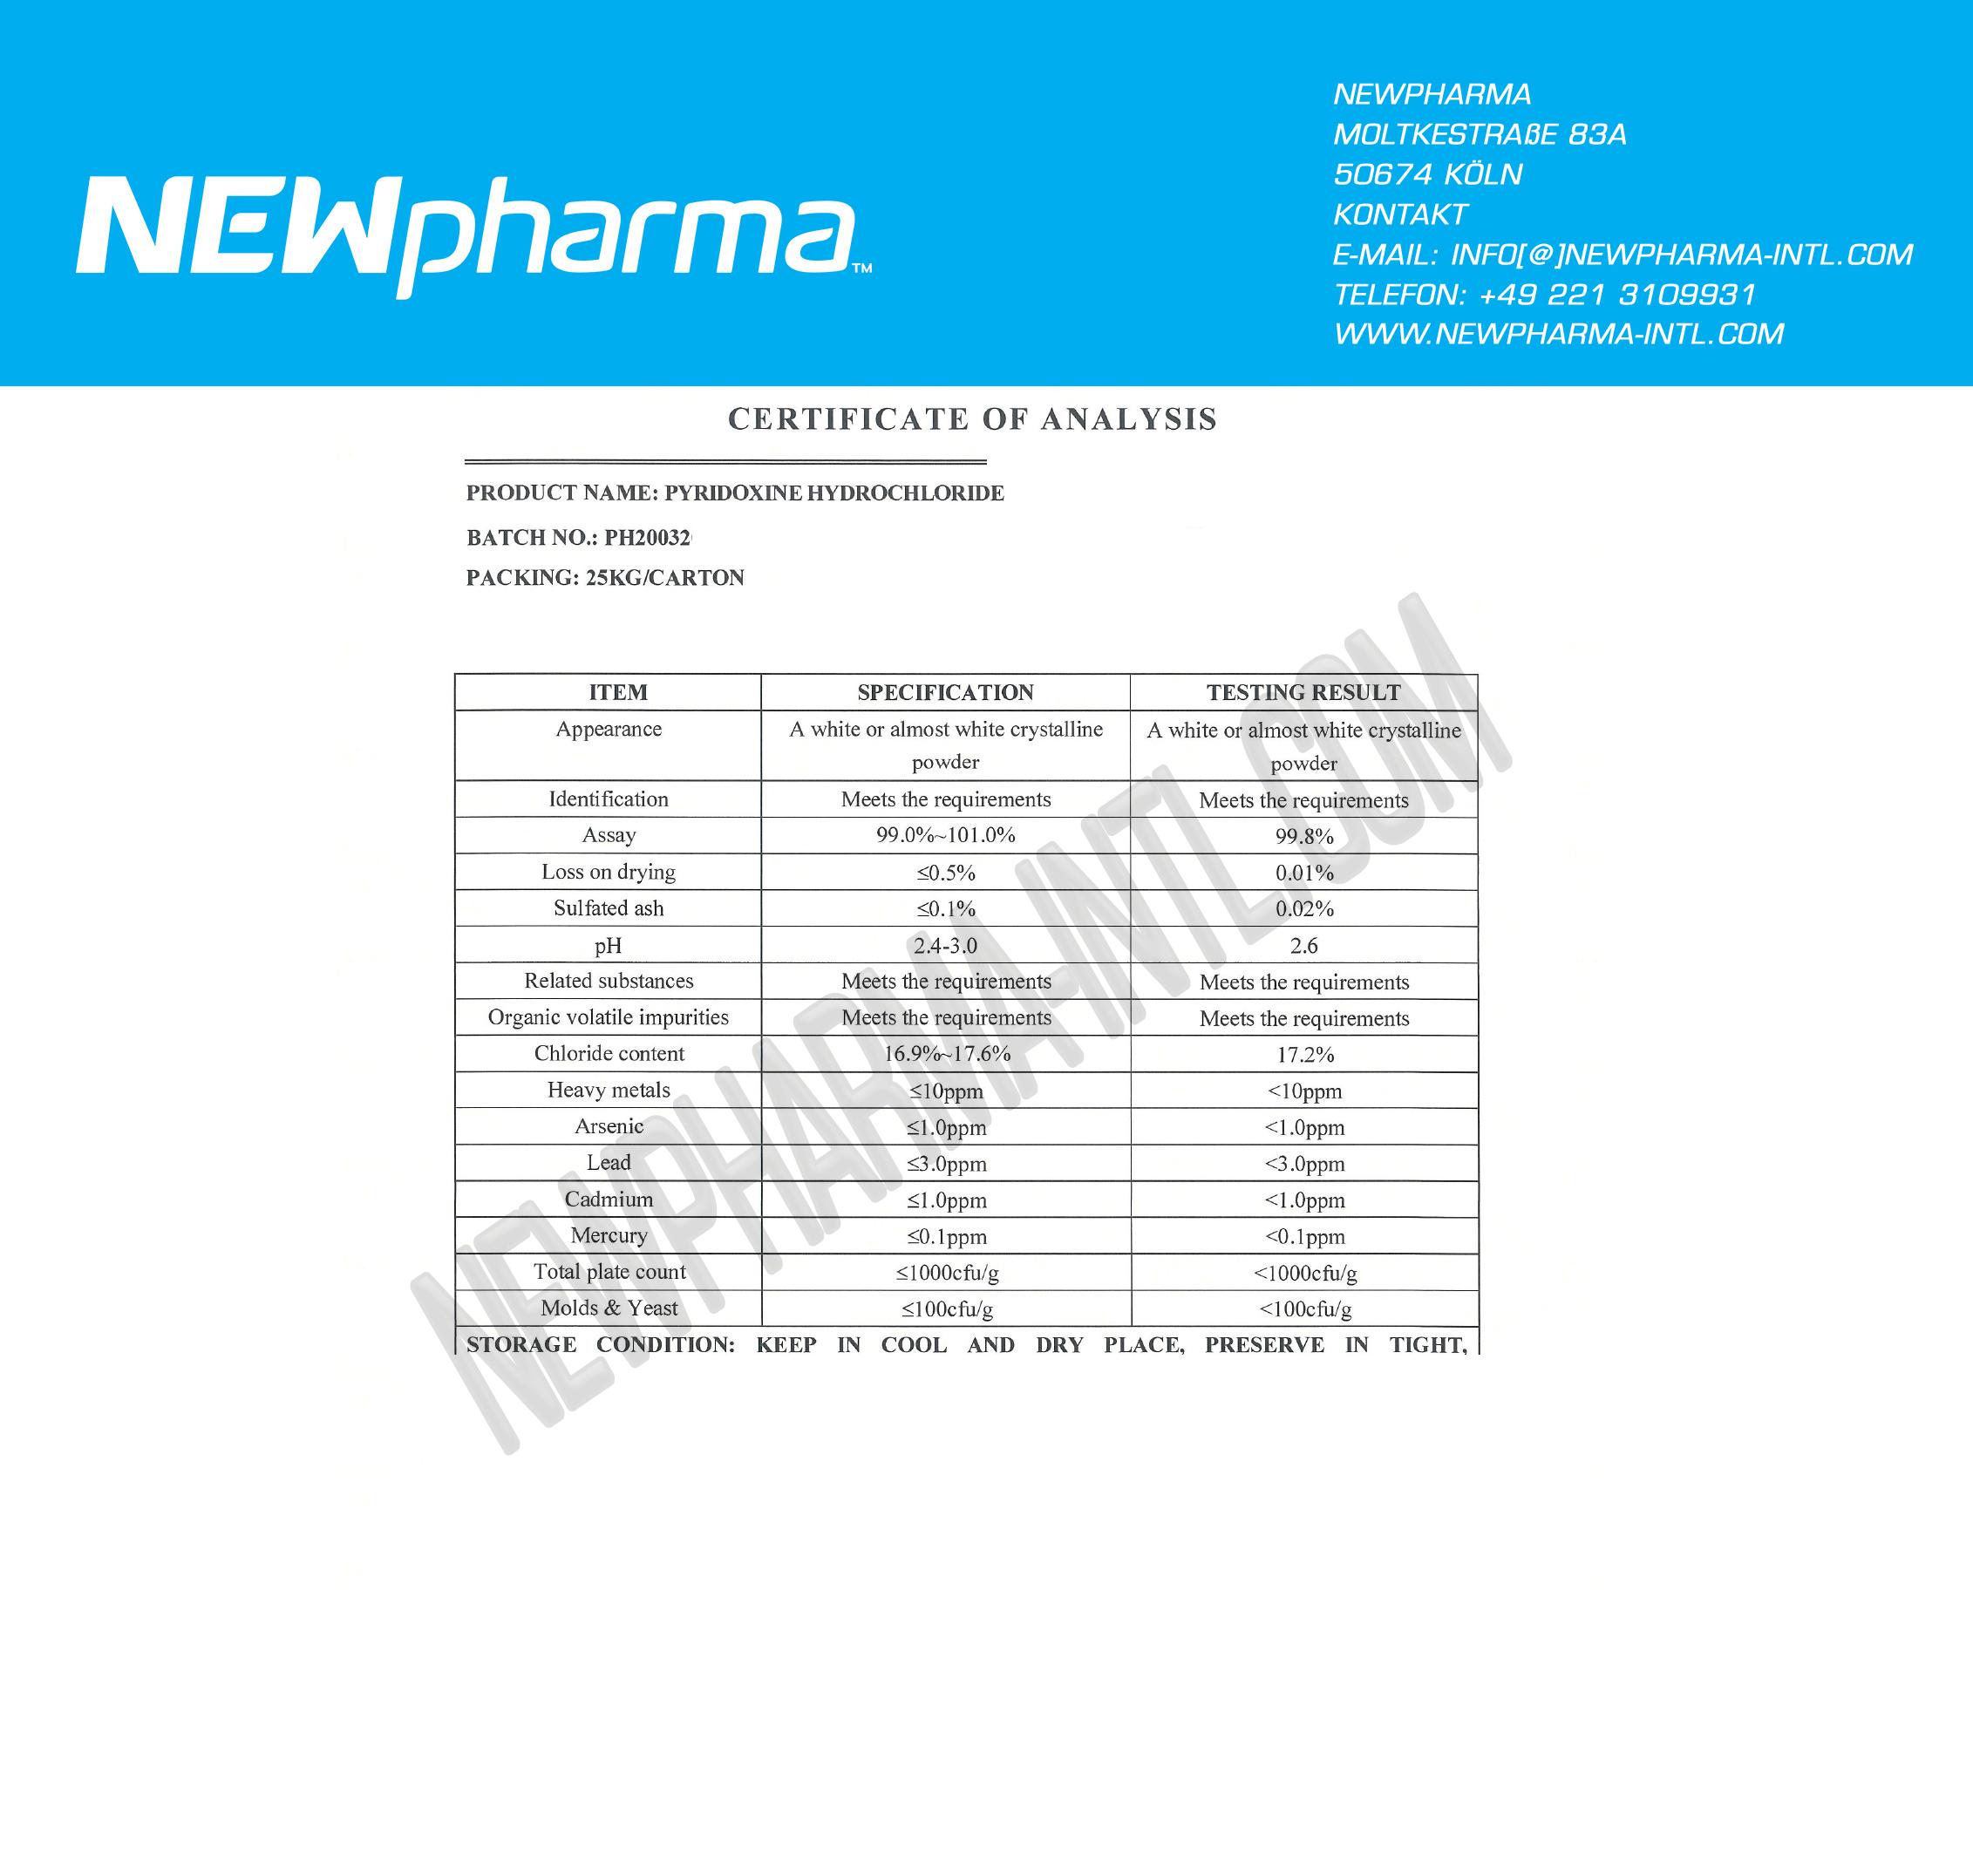 NEWPHARMA-B6vqAaRc4qFNCWY-1